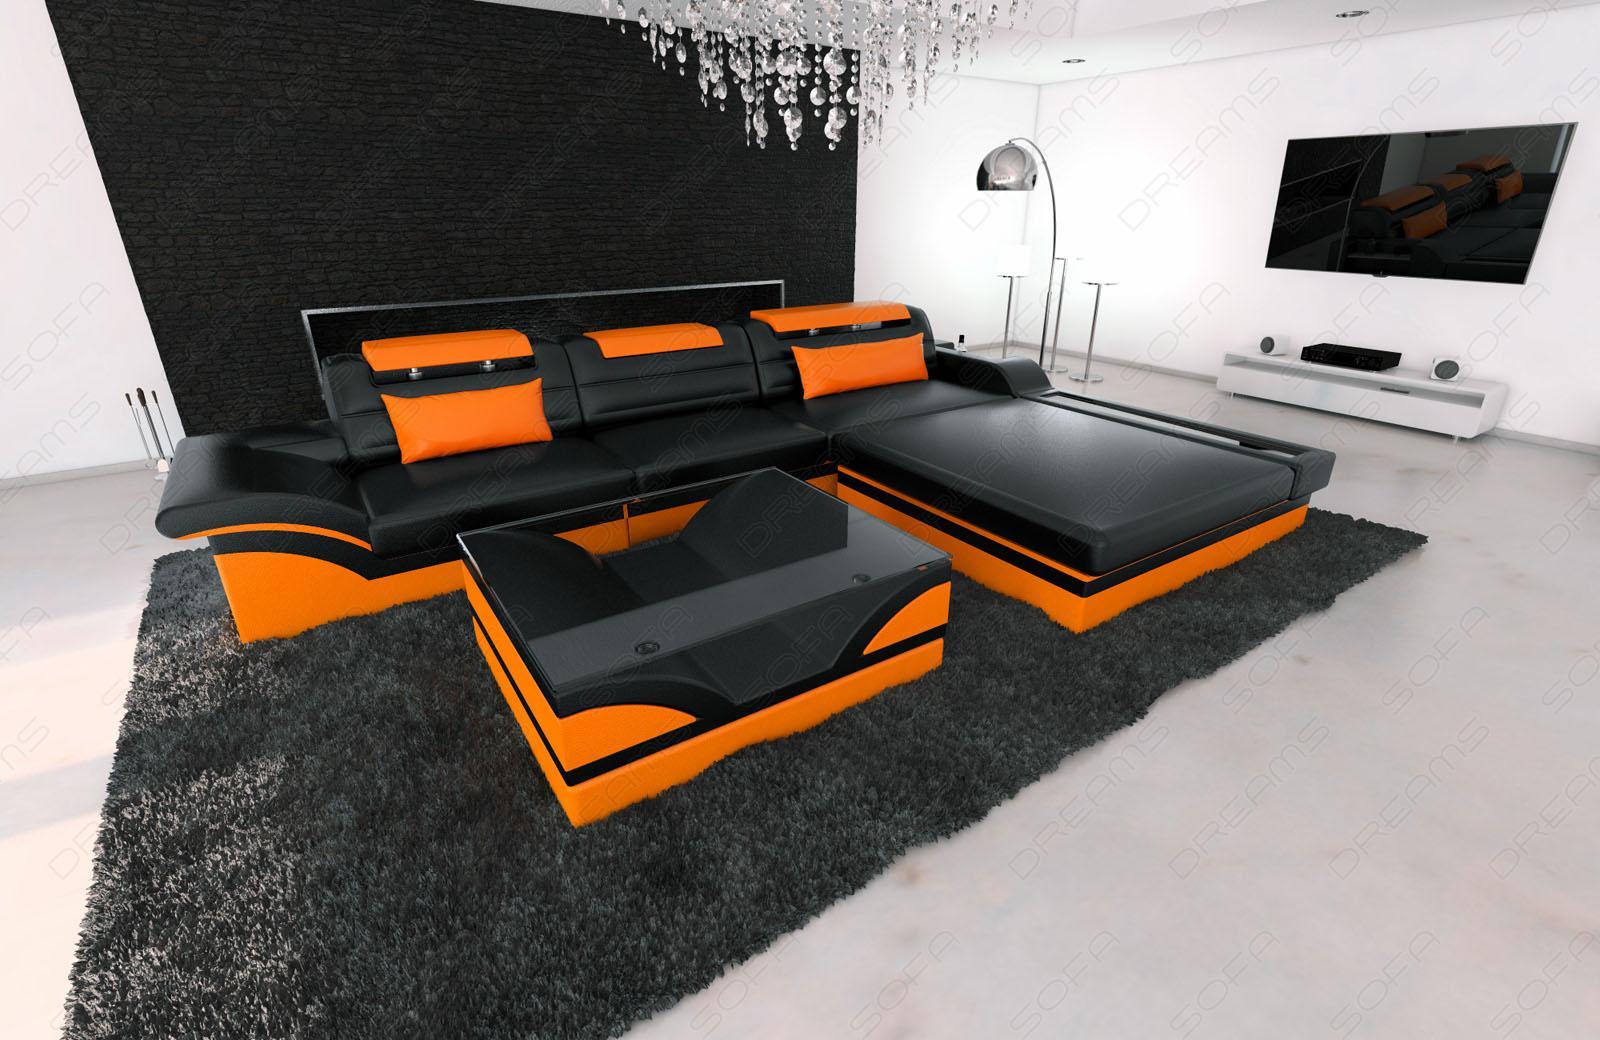 Ledercouch schwarz kaufen  Designer Ledercouch Schwarz: Jvmoebel ledersofa couch sofa ecksofa ...